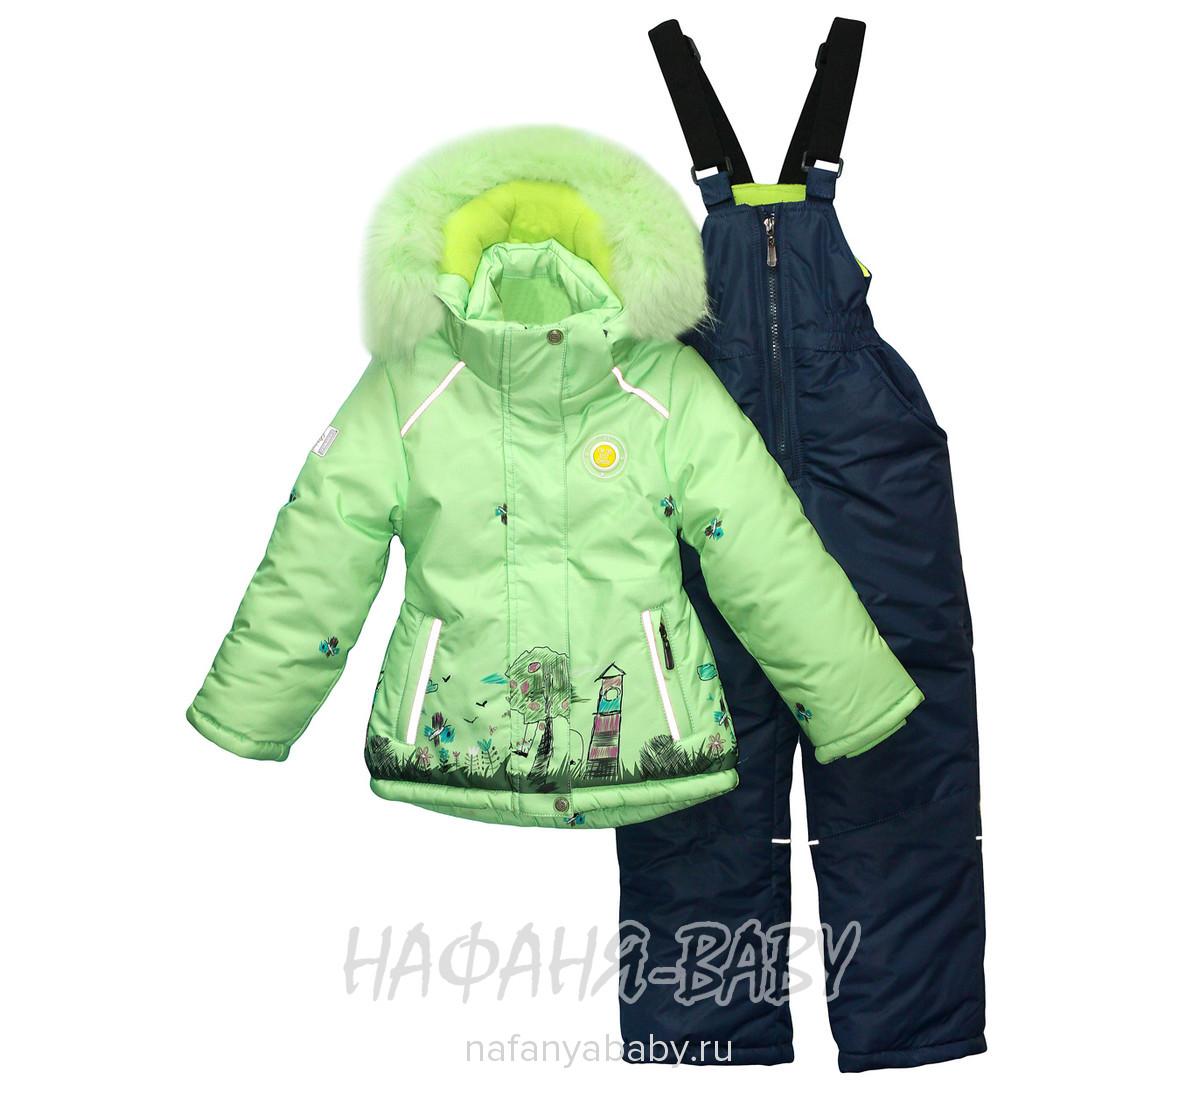 Детская зимняя верхняя одежда оптом